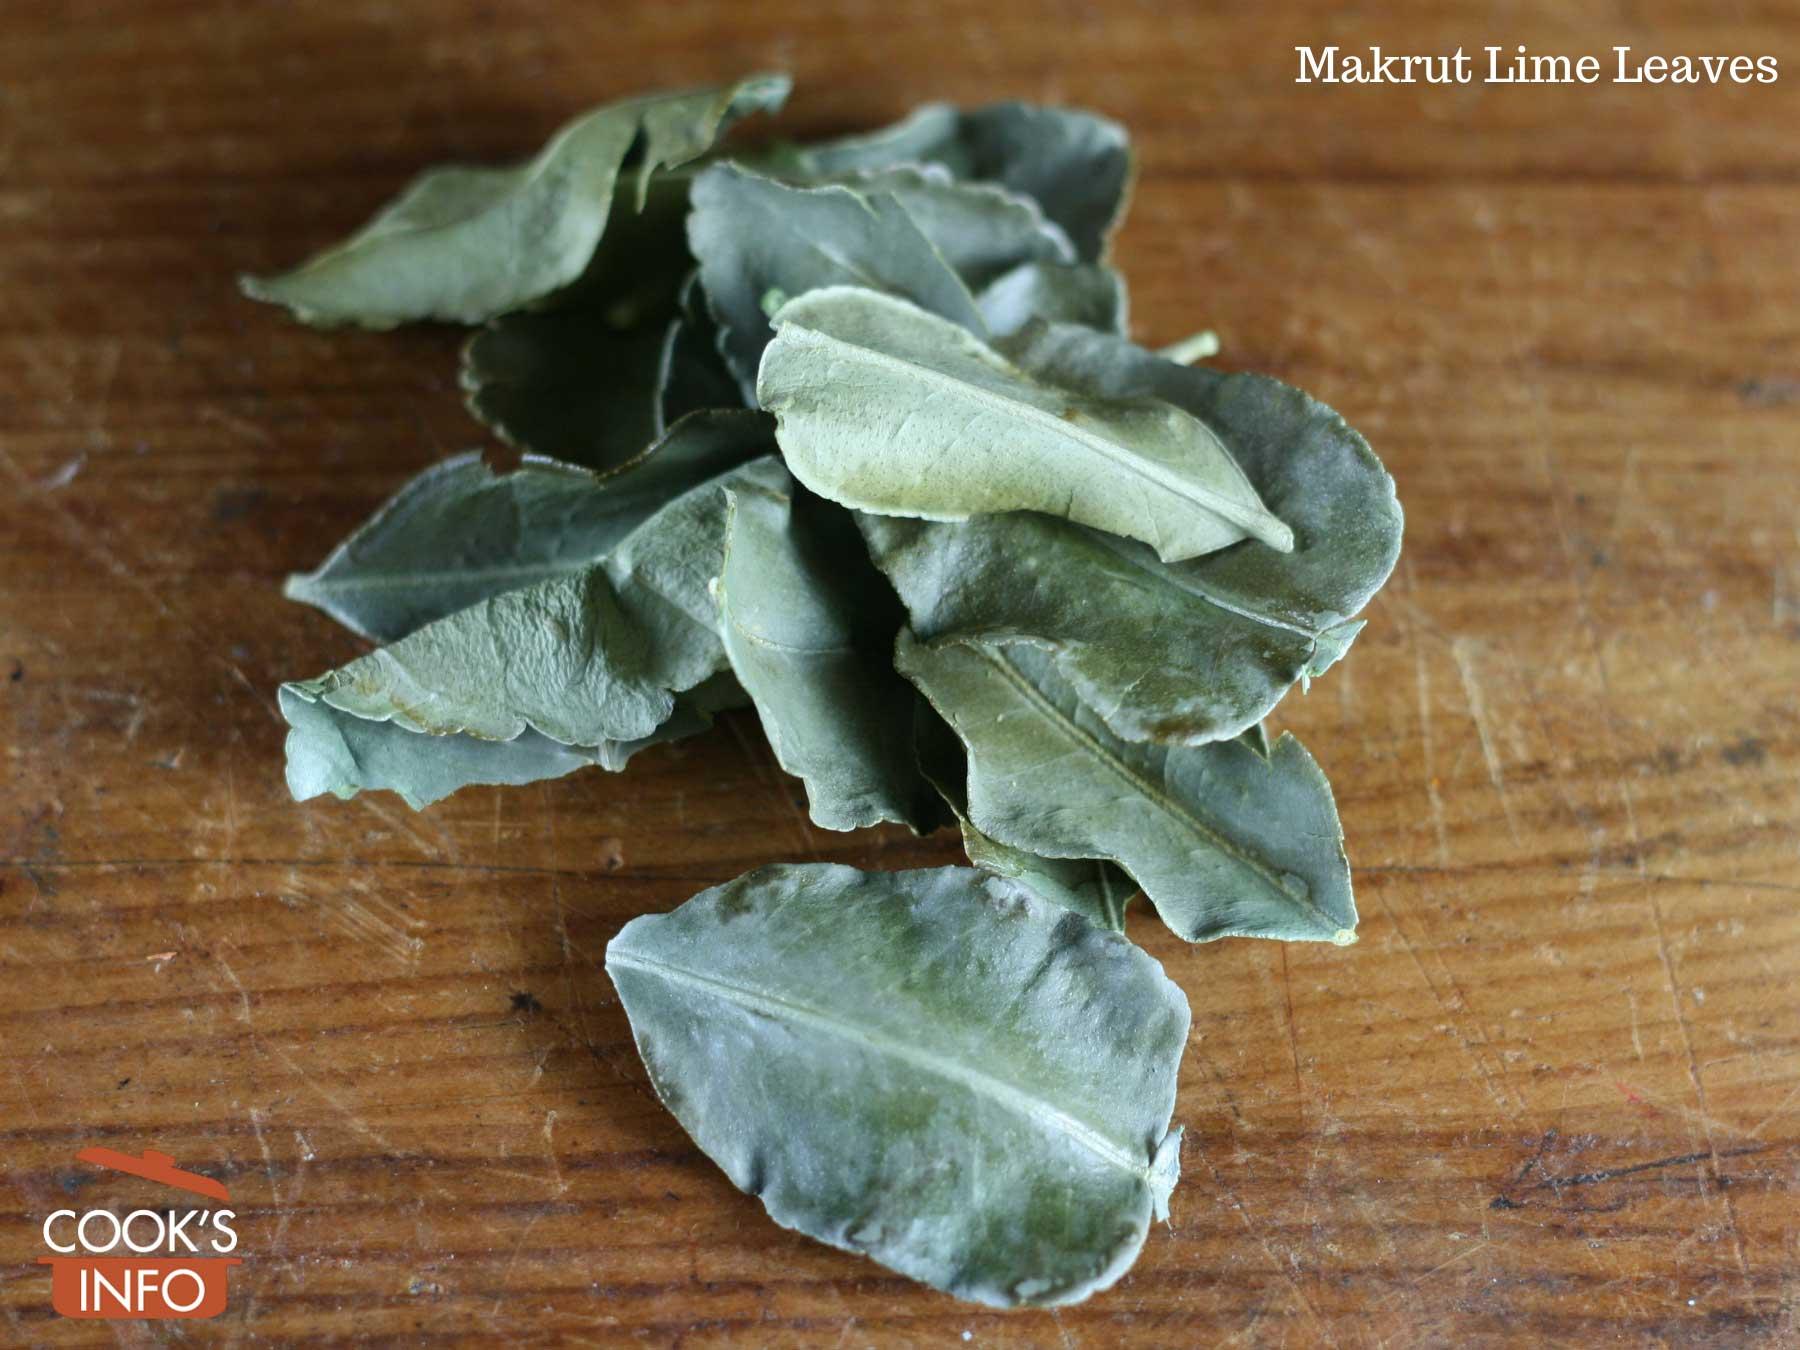 Makrut lime leaves